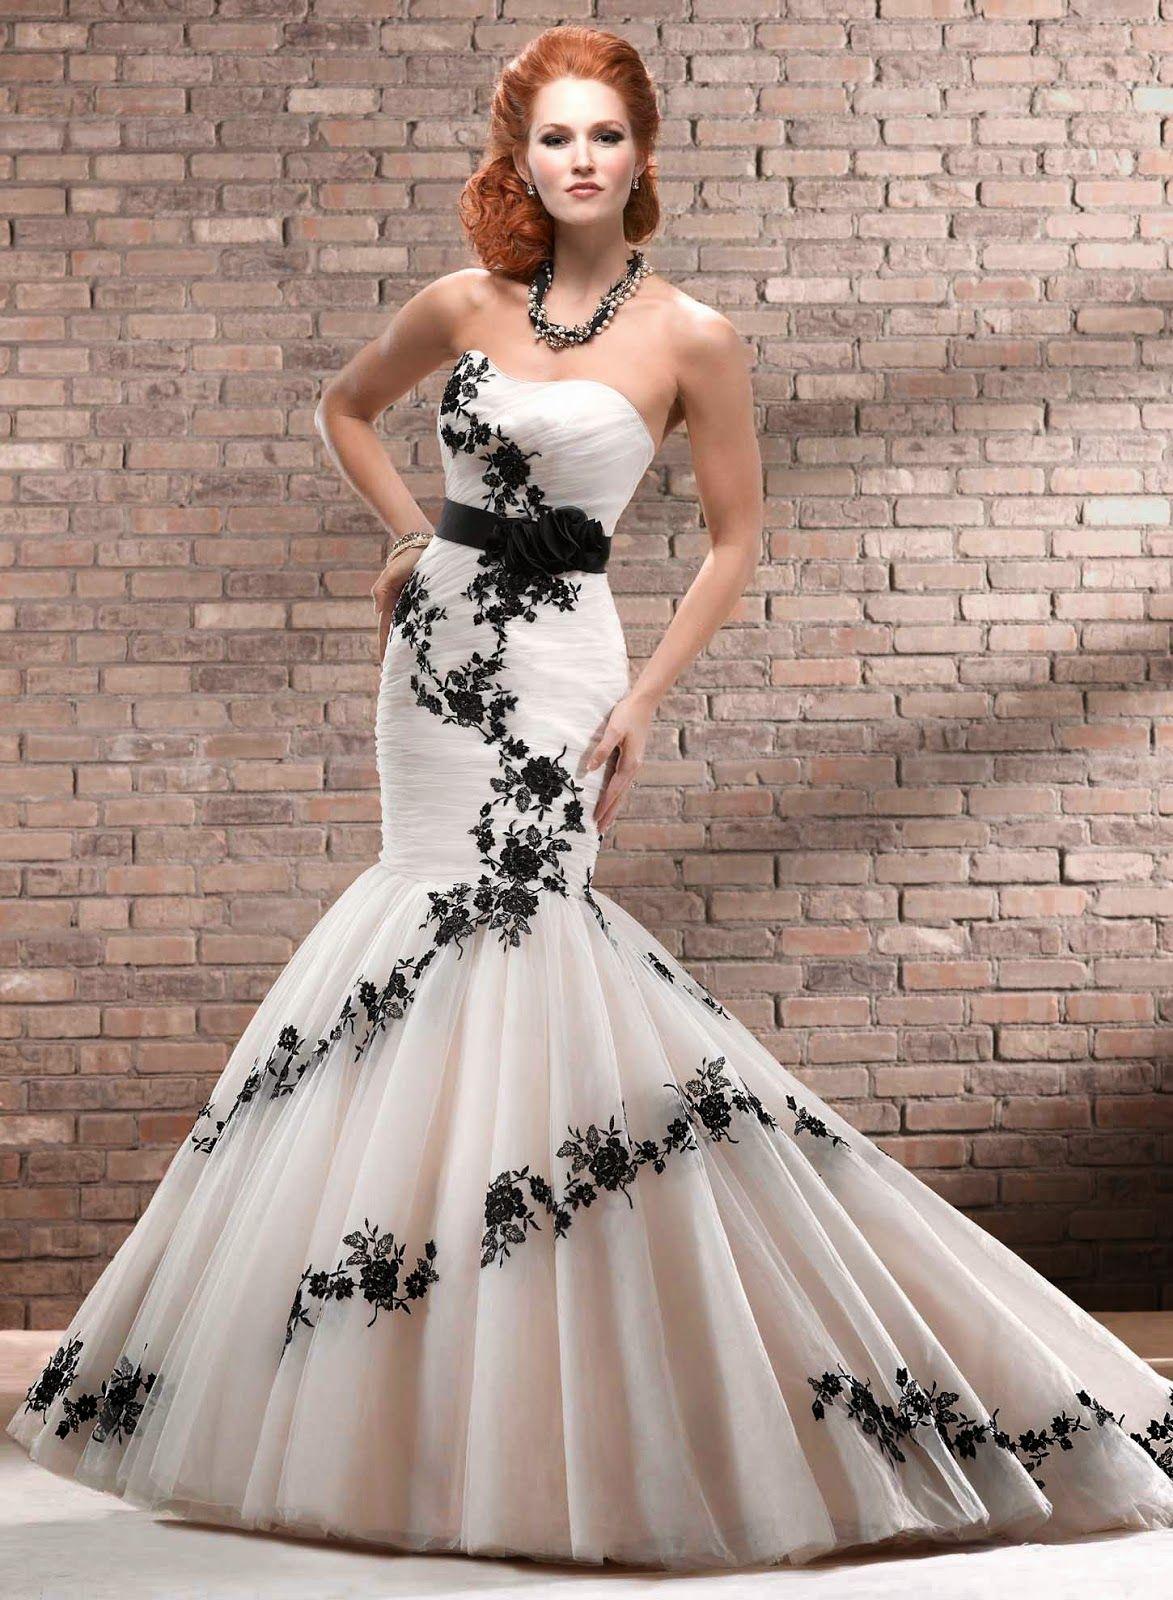 Vestidos de Novia con Flores Negras, parte 3 | Novias | Pinterest ...